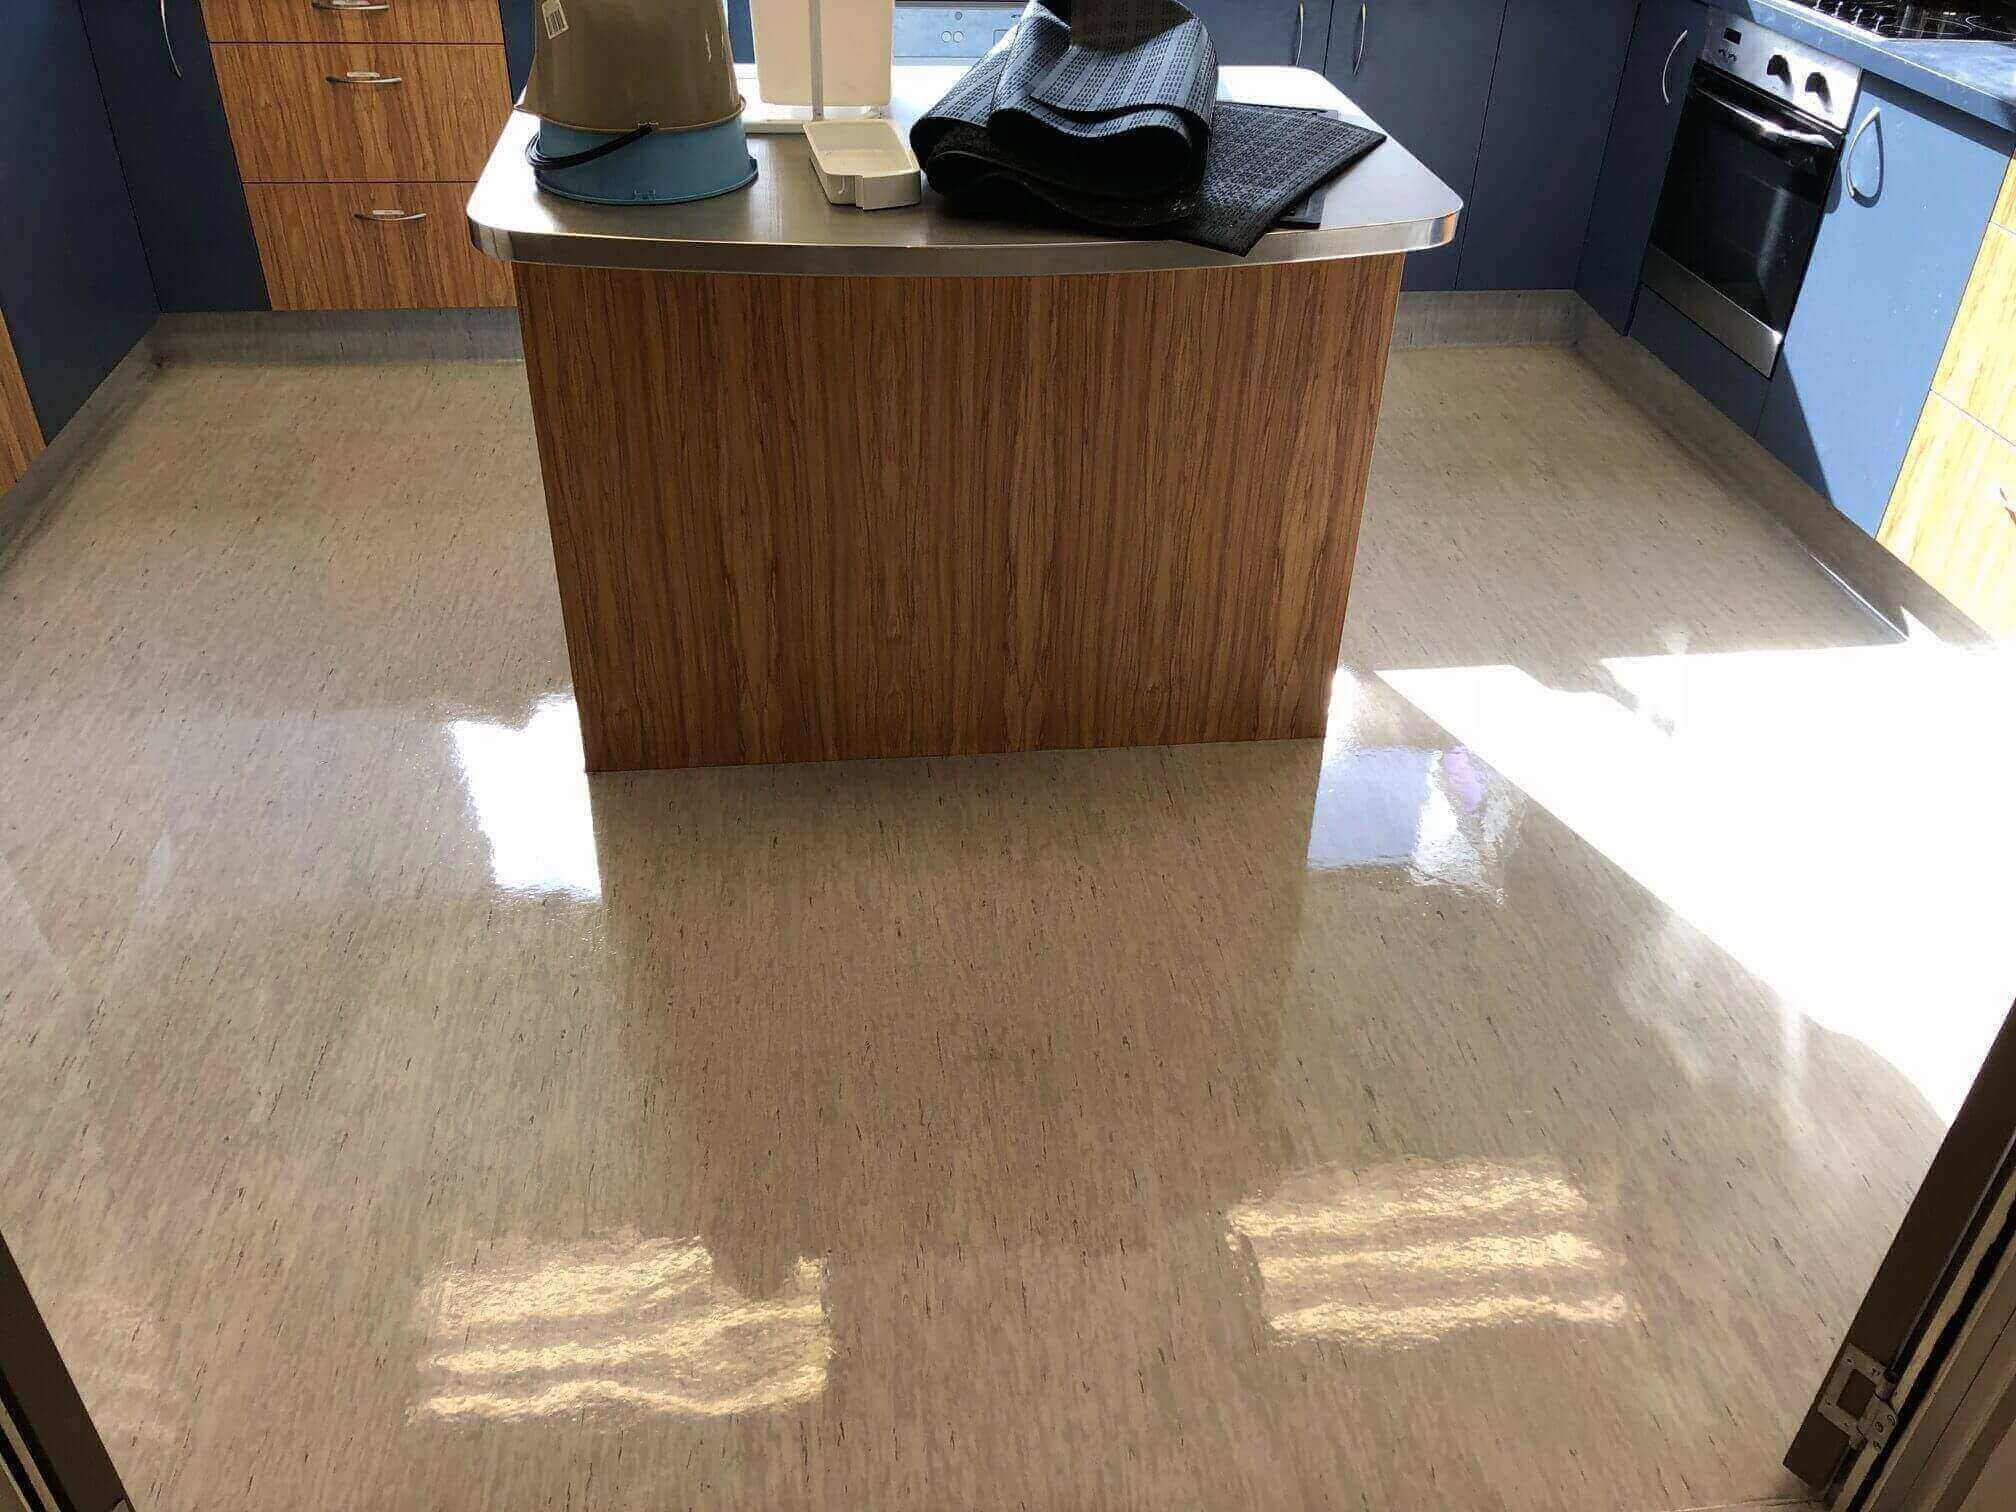 Vinyl Flooring Service : Vinyl floor polishing